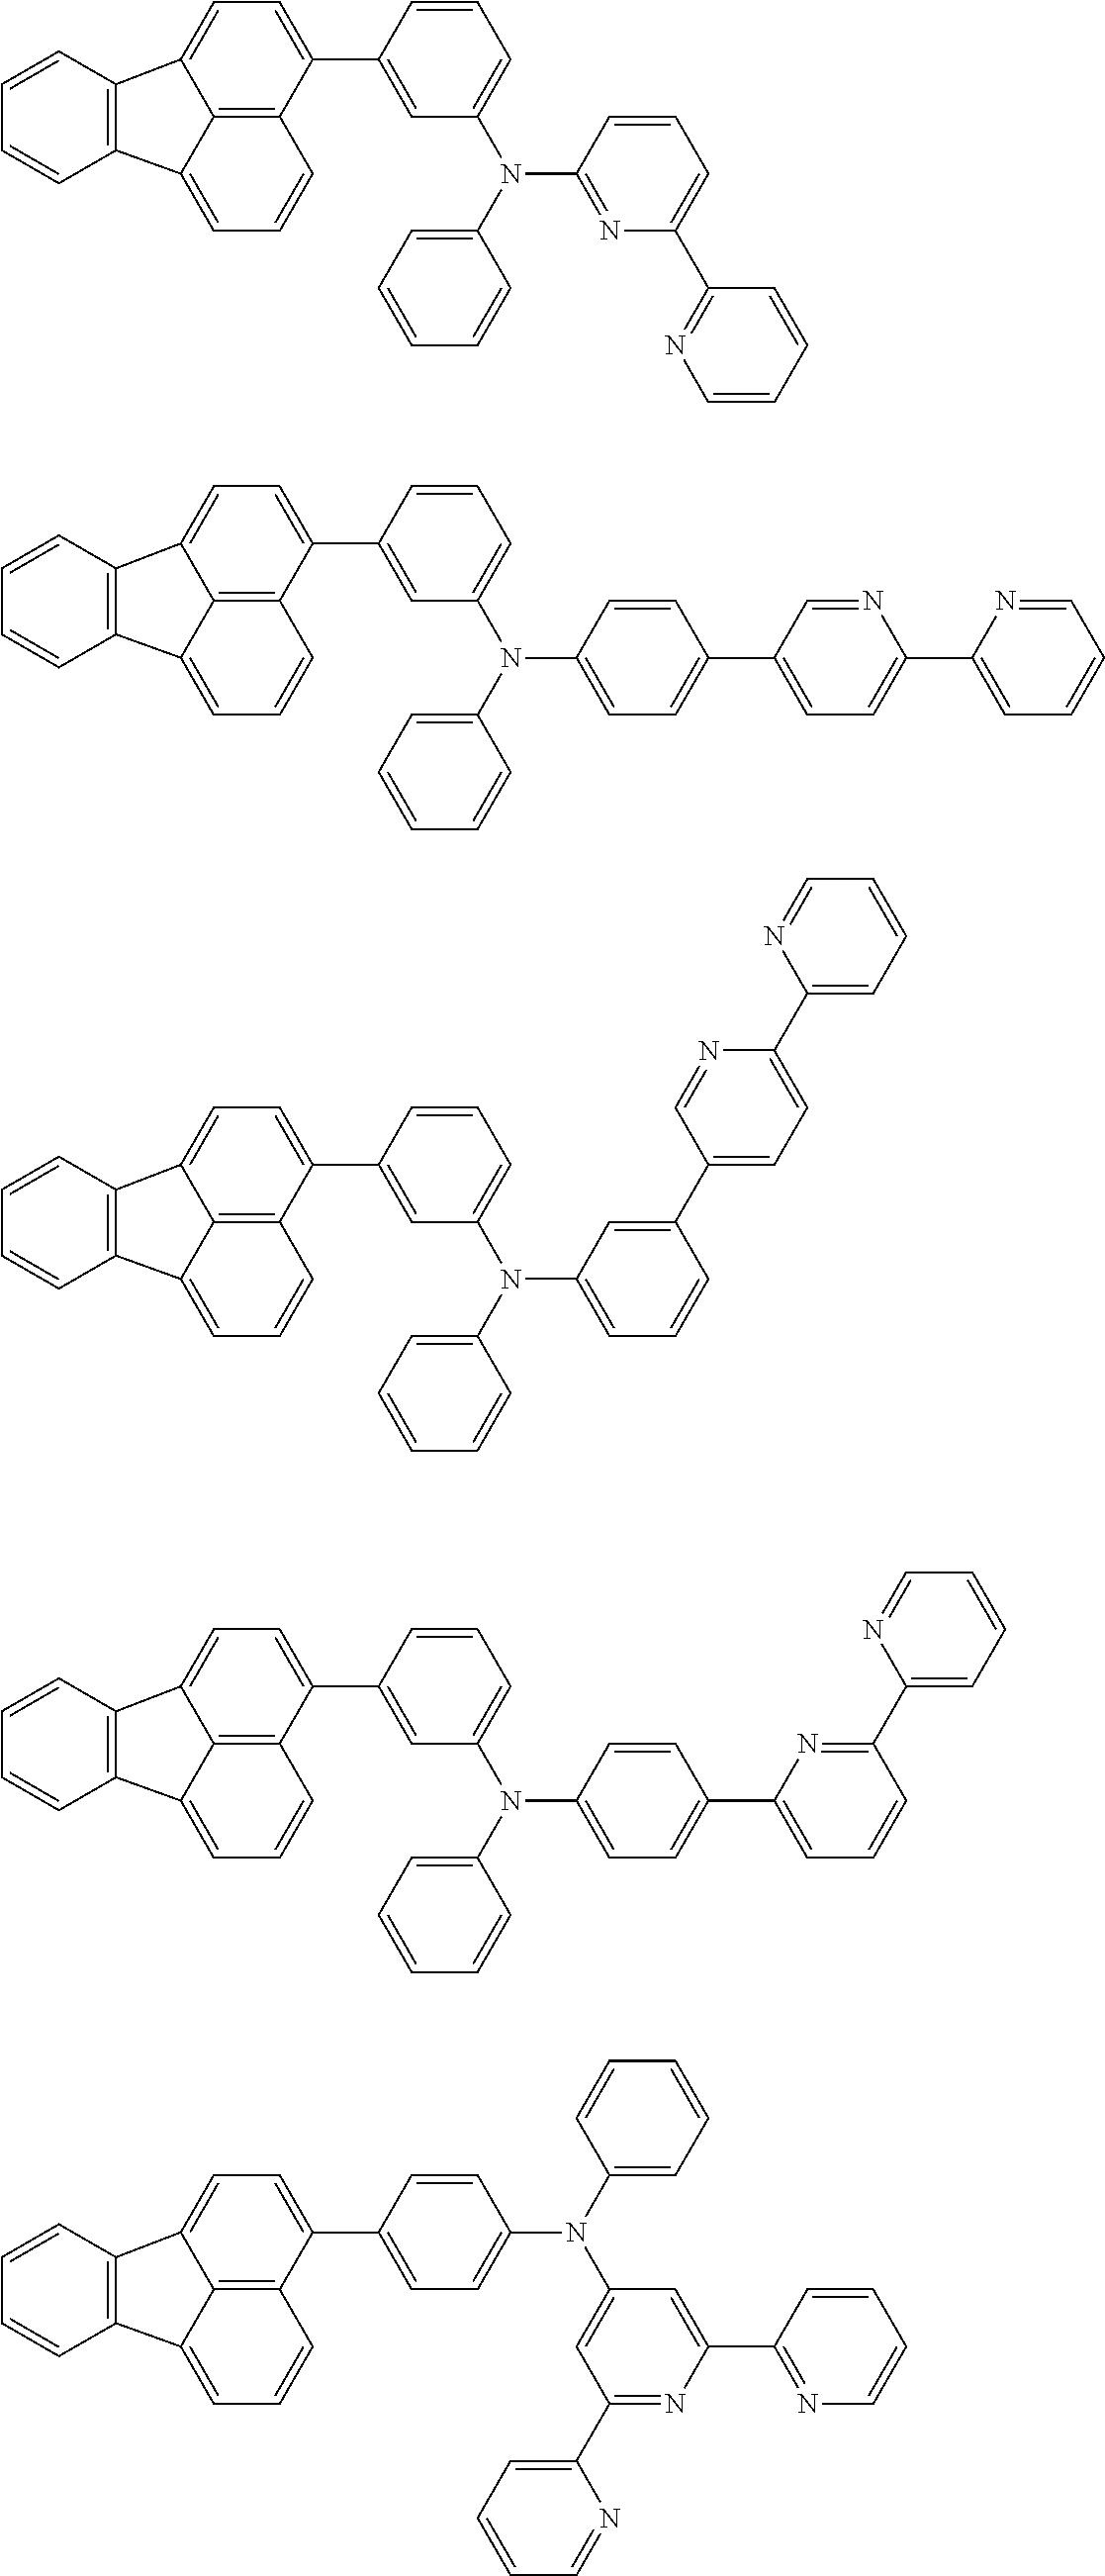 Figure US20150280139A1-20151001-C00113